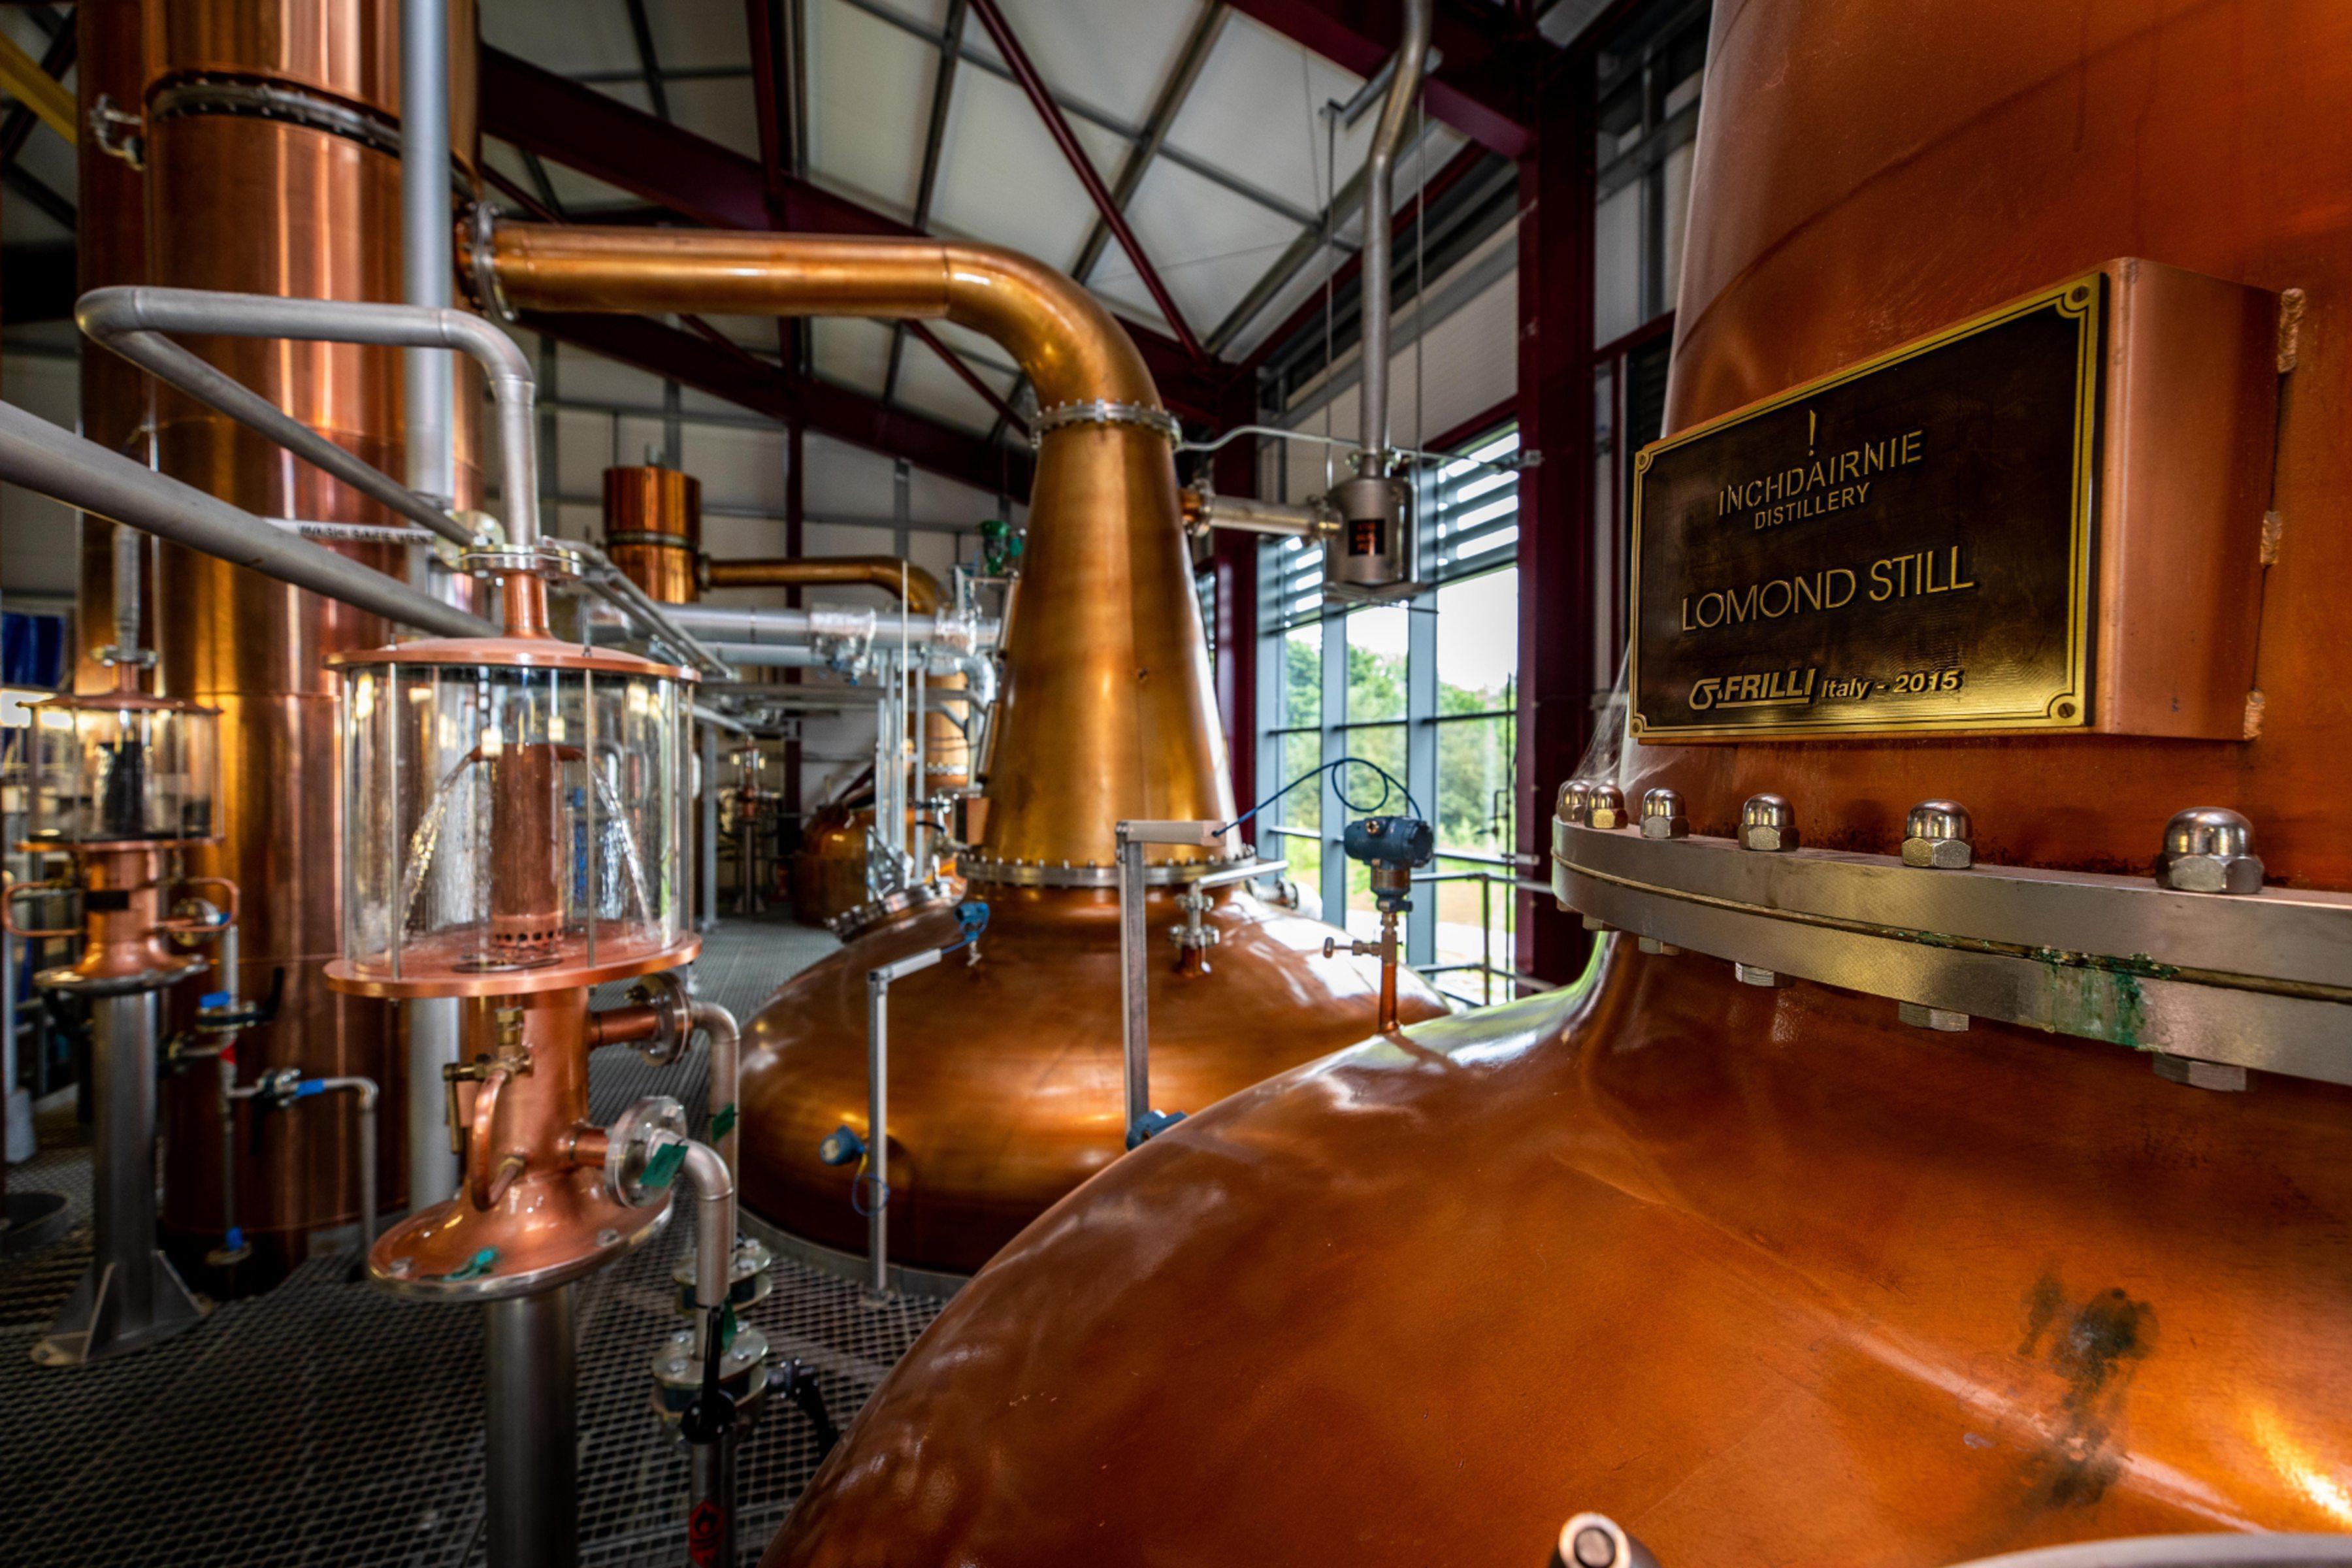 The Lomond Still at Inchdairnie Distillery.